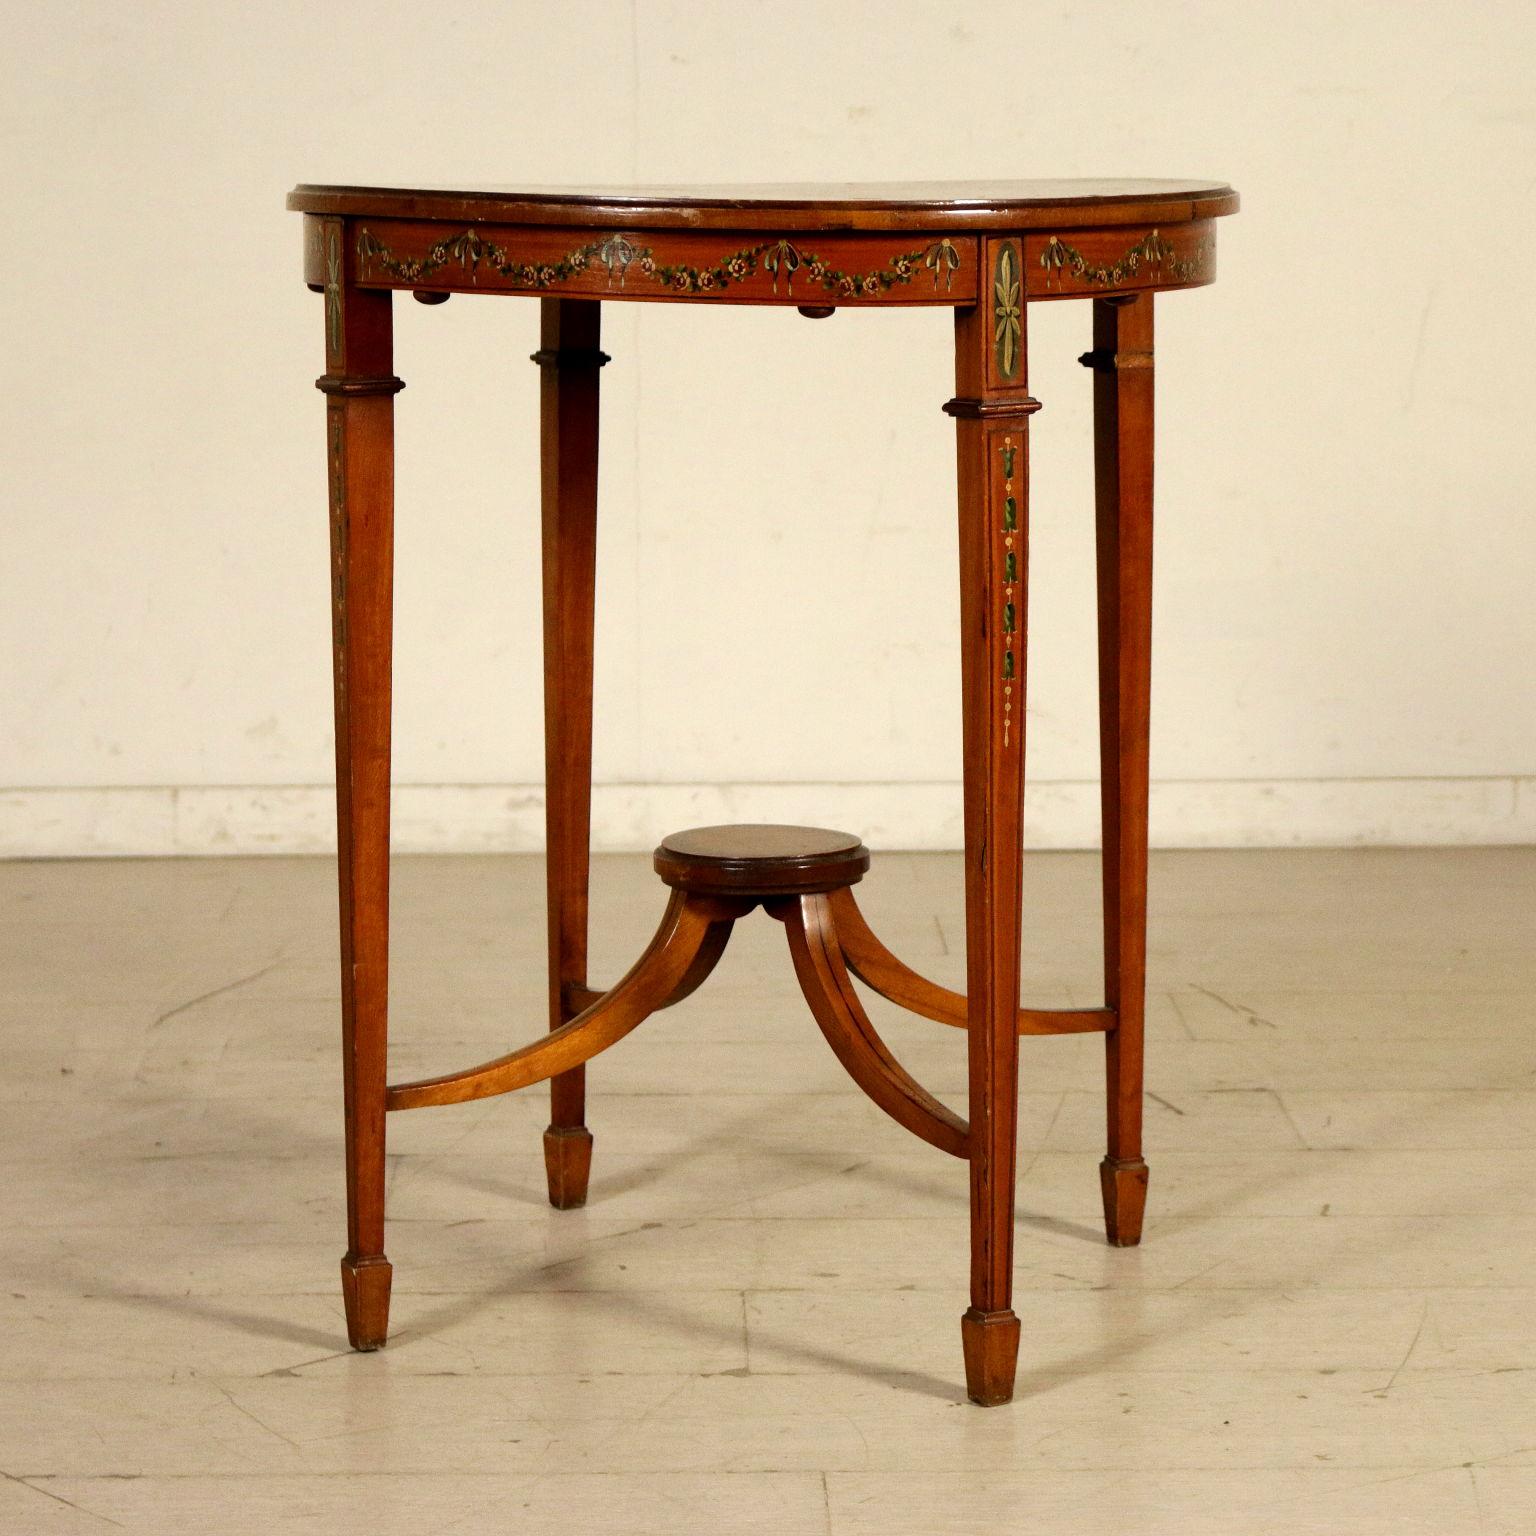 Tavolino tondo inglese mobili in stile bottega del 900 - Mobili in stile inglese ...